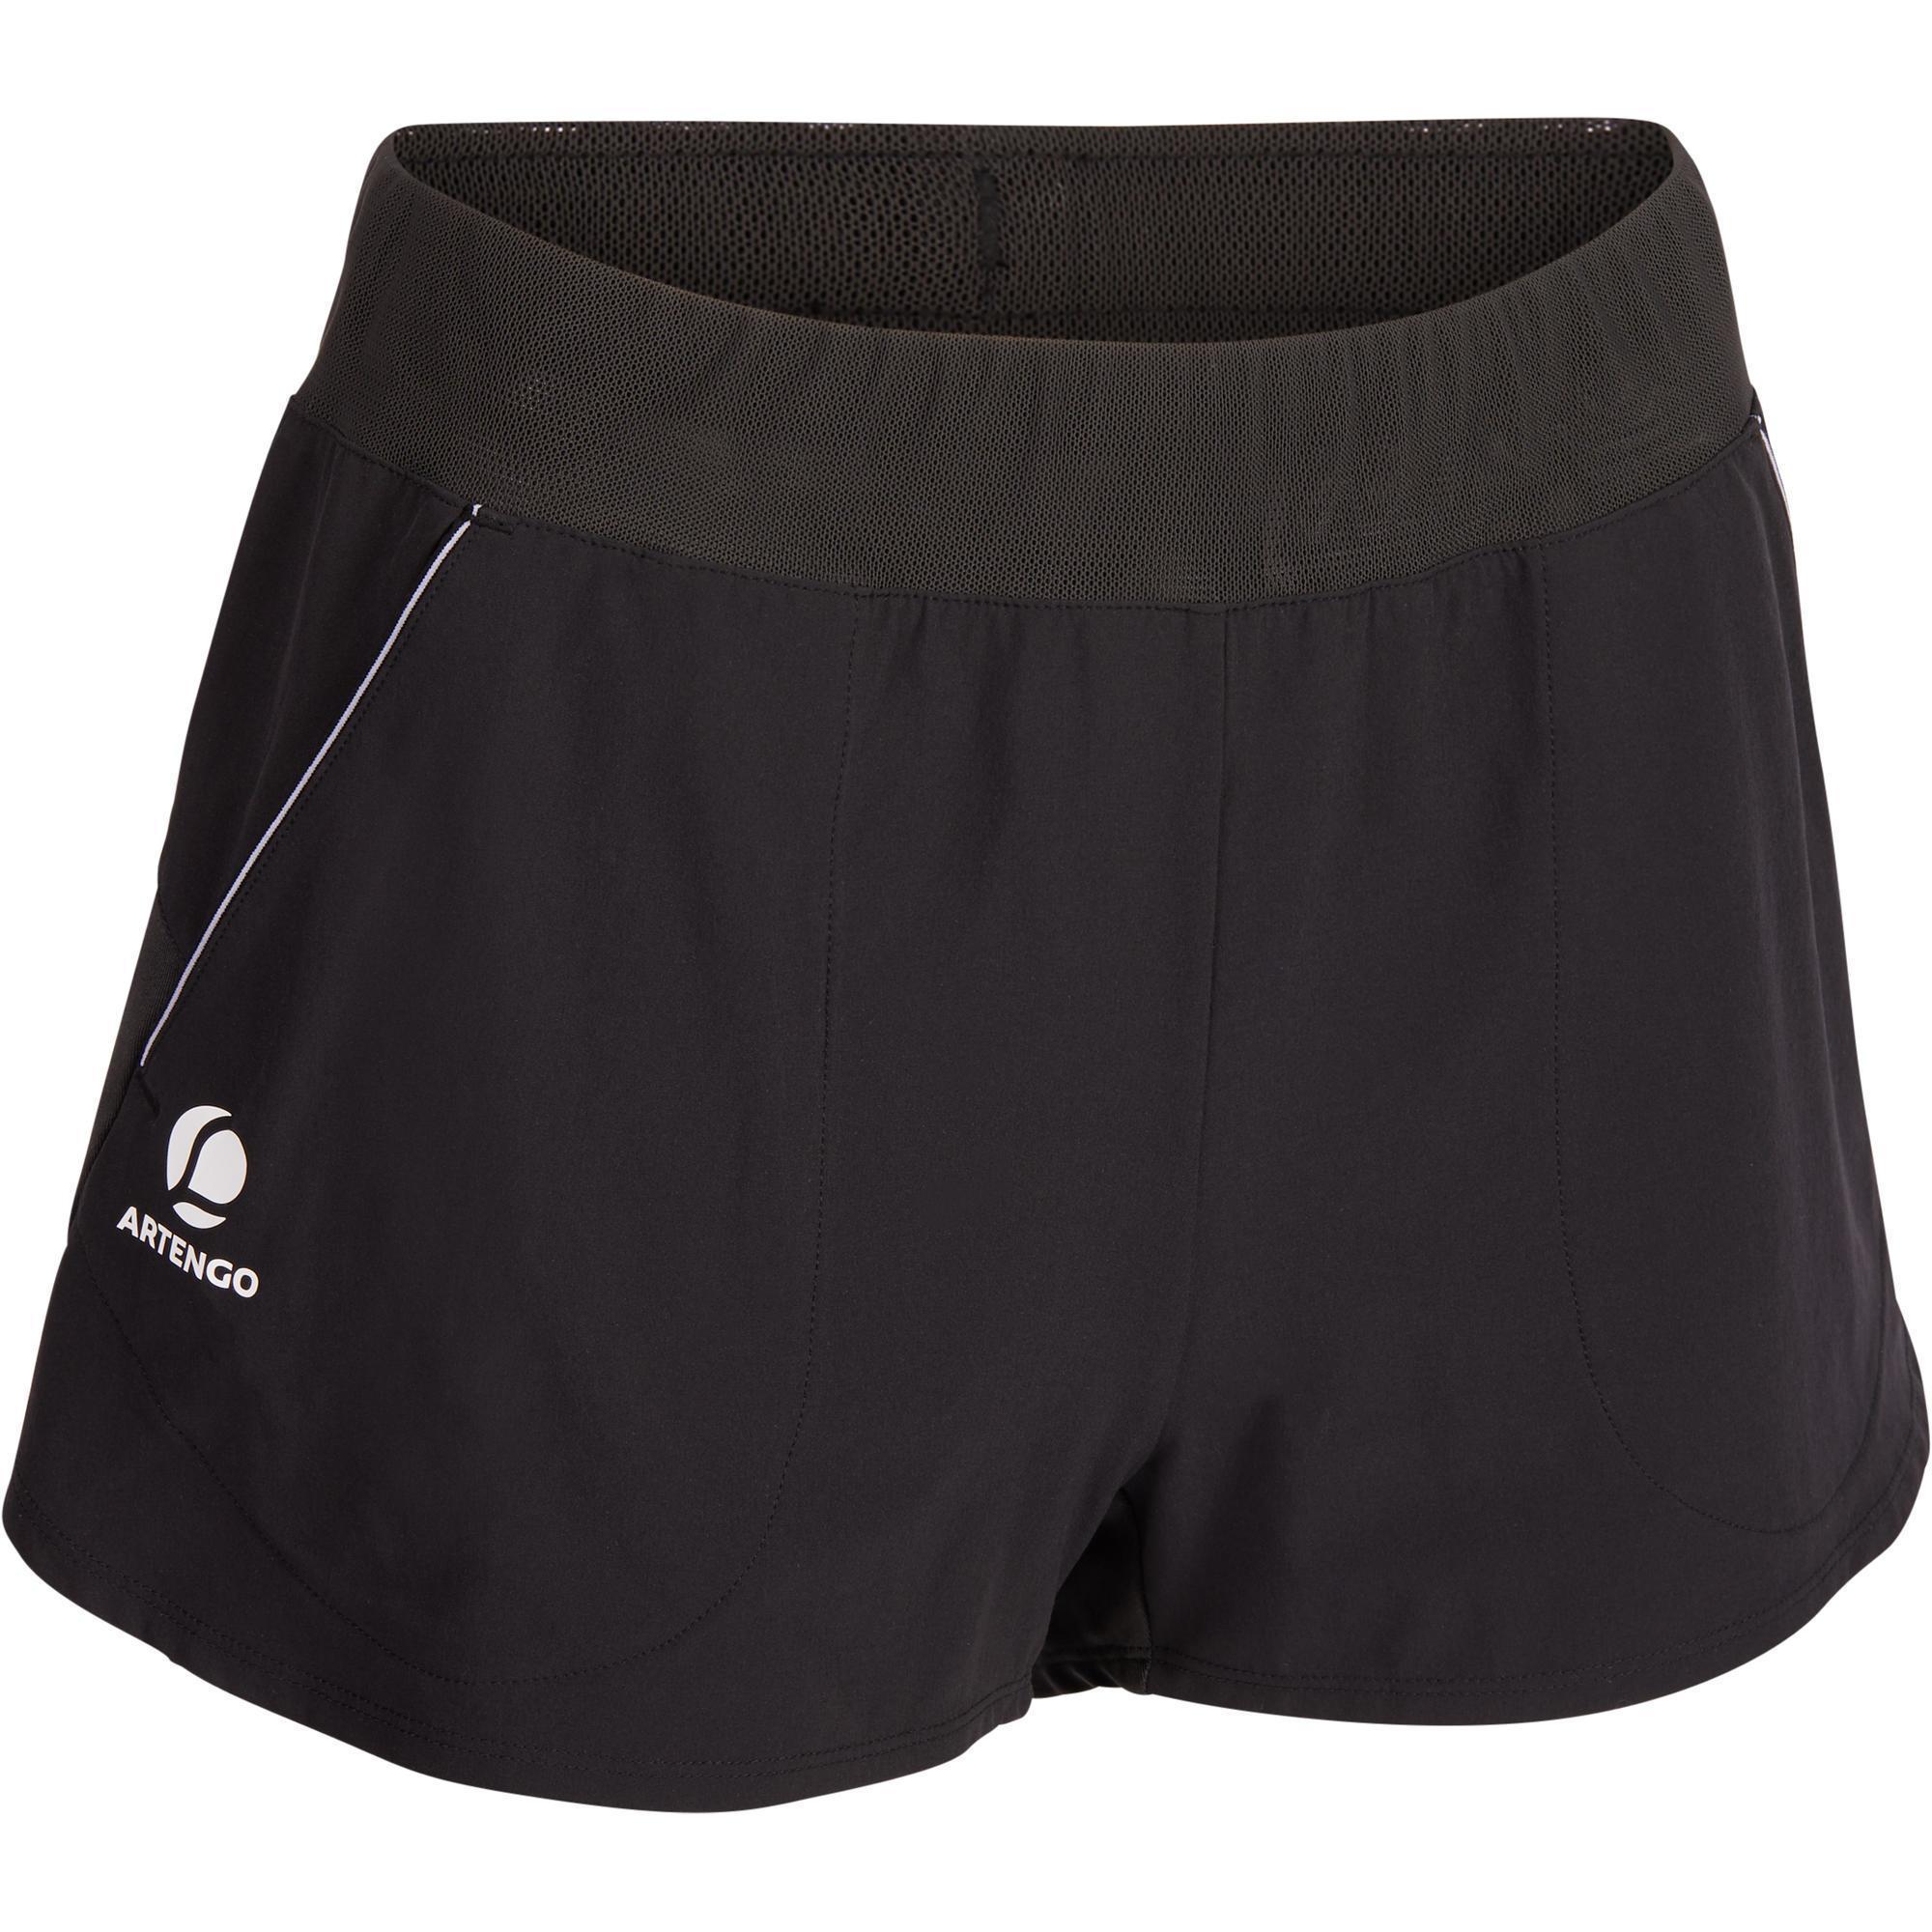 Artengo Tennisshort dames SH Soft 500 zwart